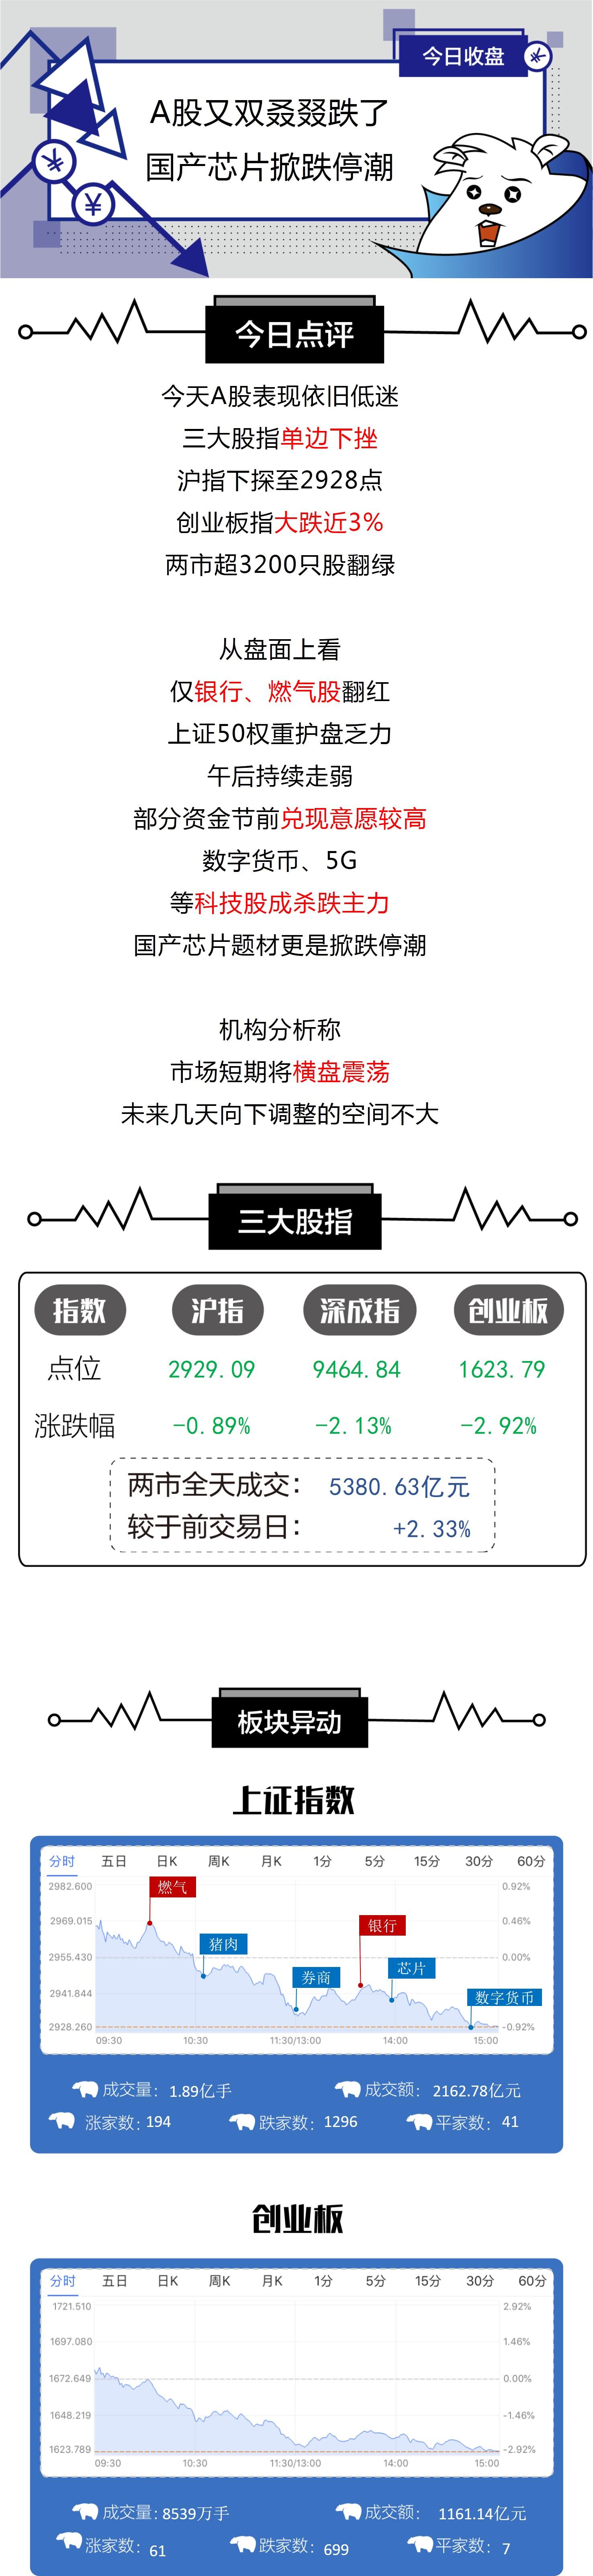 中国移动首款自主品牌5G手机上市 售4988元